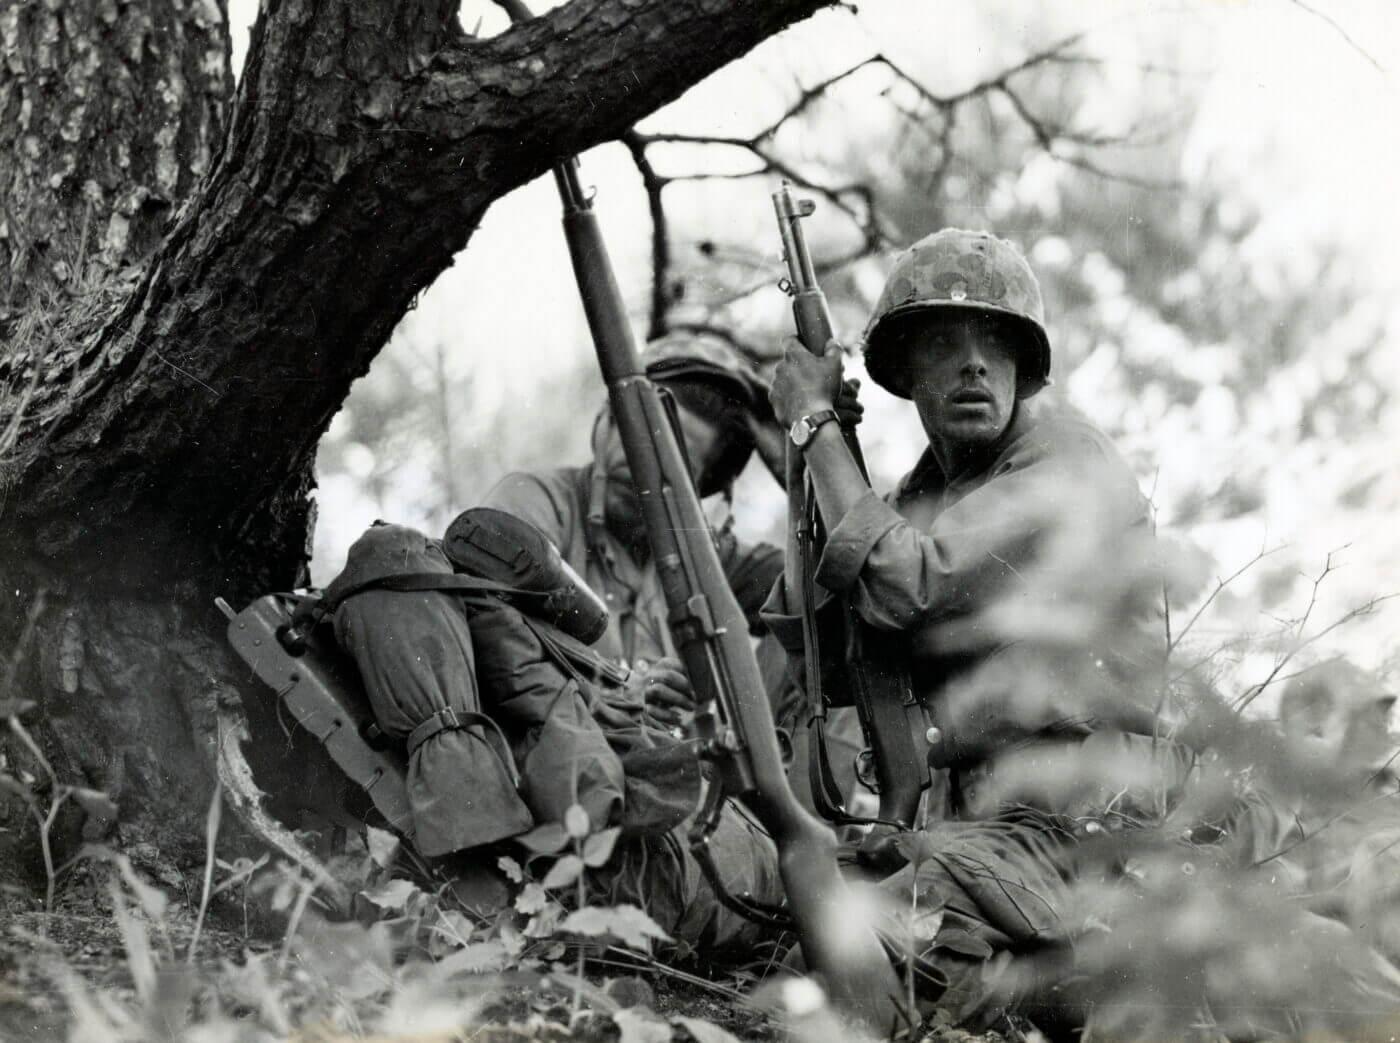 Korean War USMC soldier on hillside with M1 Garand